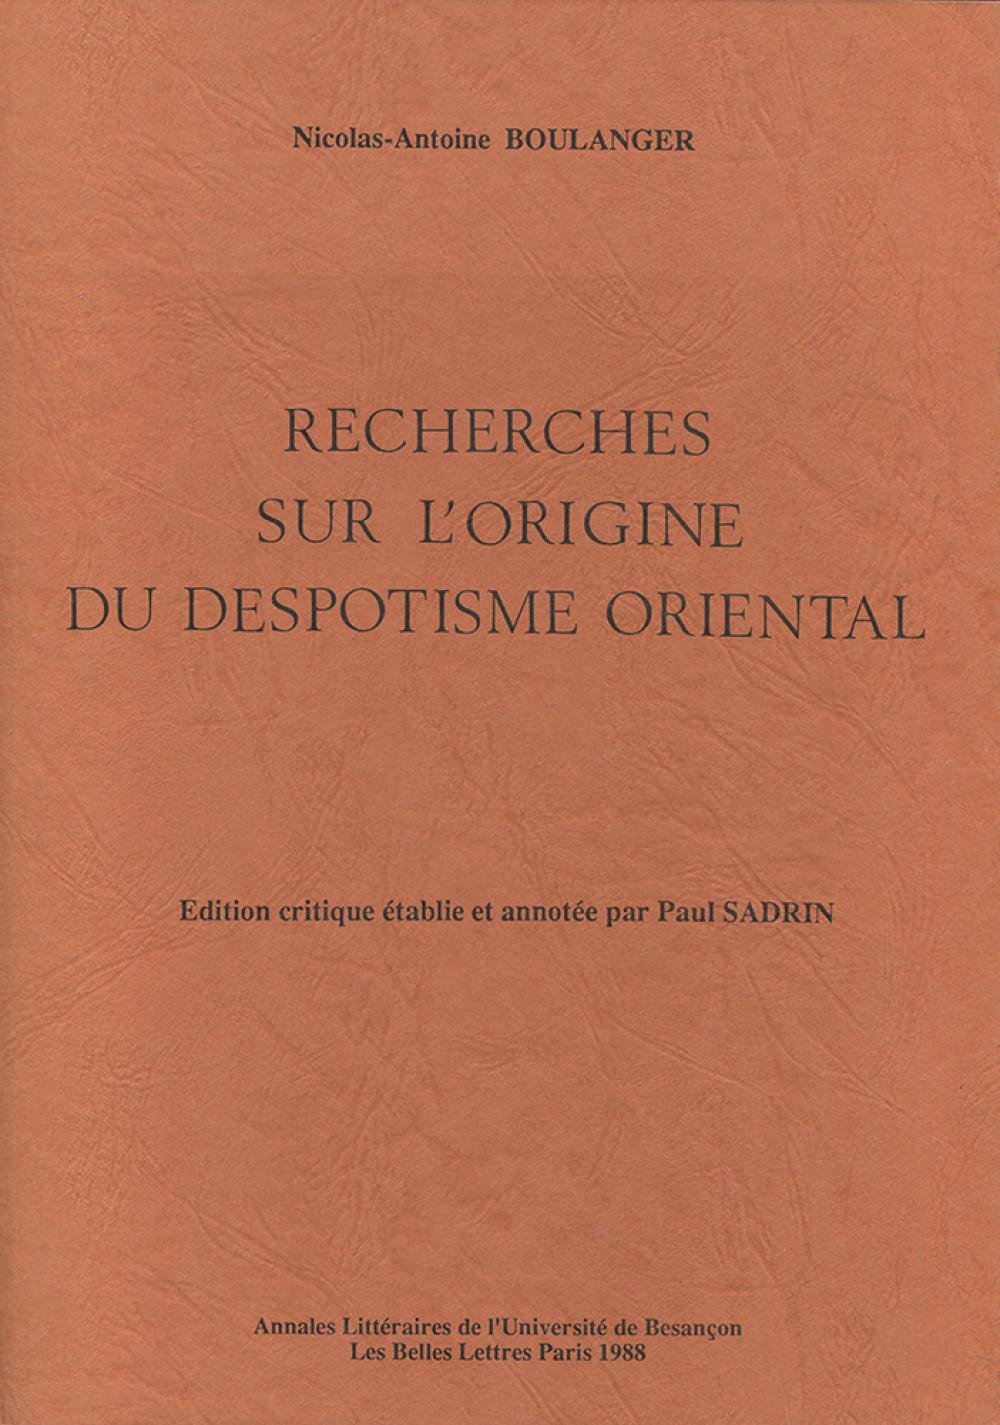 Nicolas Antoine Boulanger : recherches sur les origines du despotisme oriental